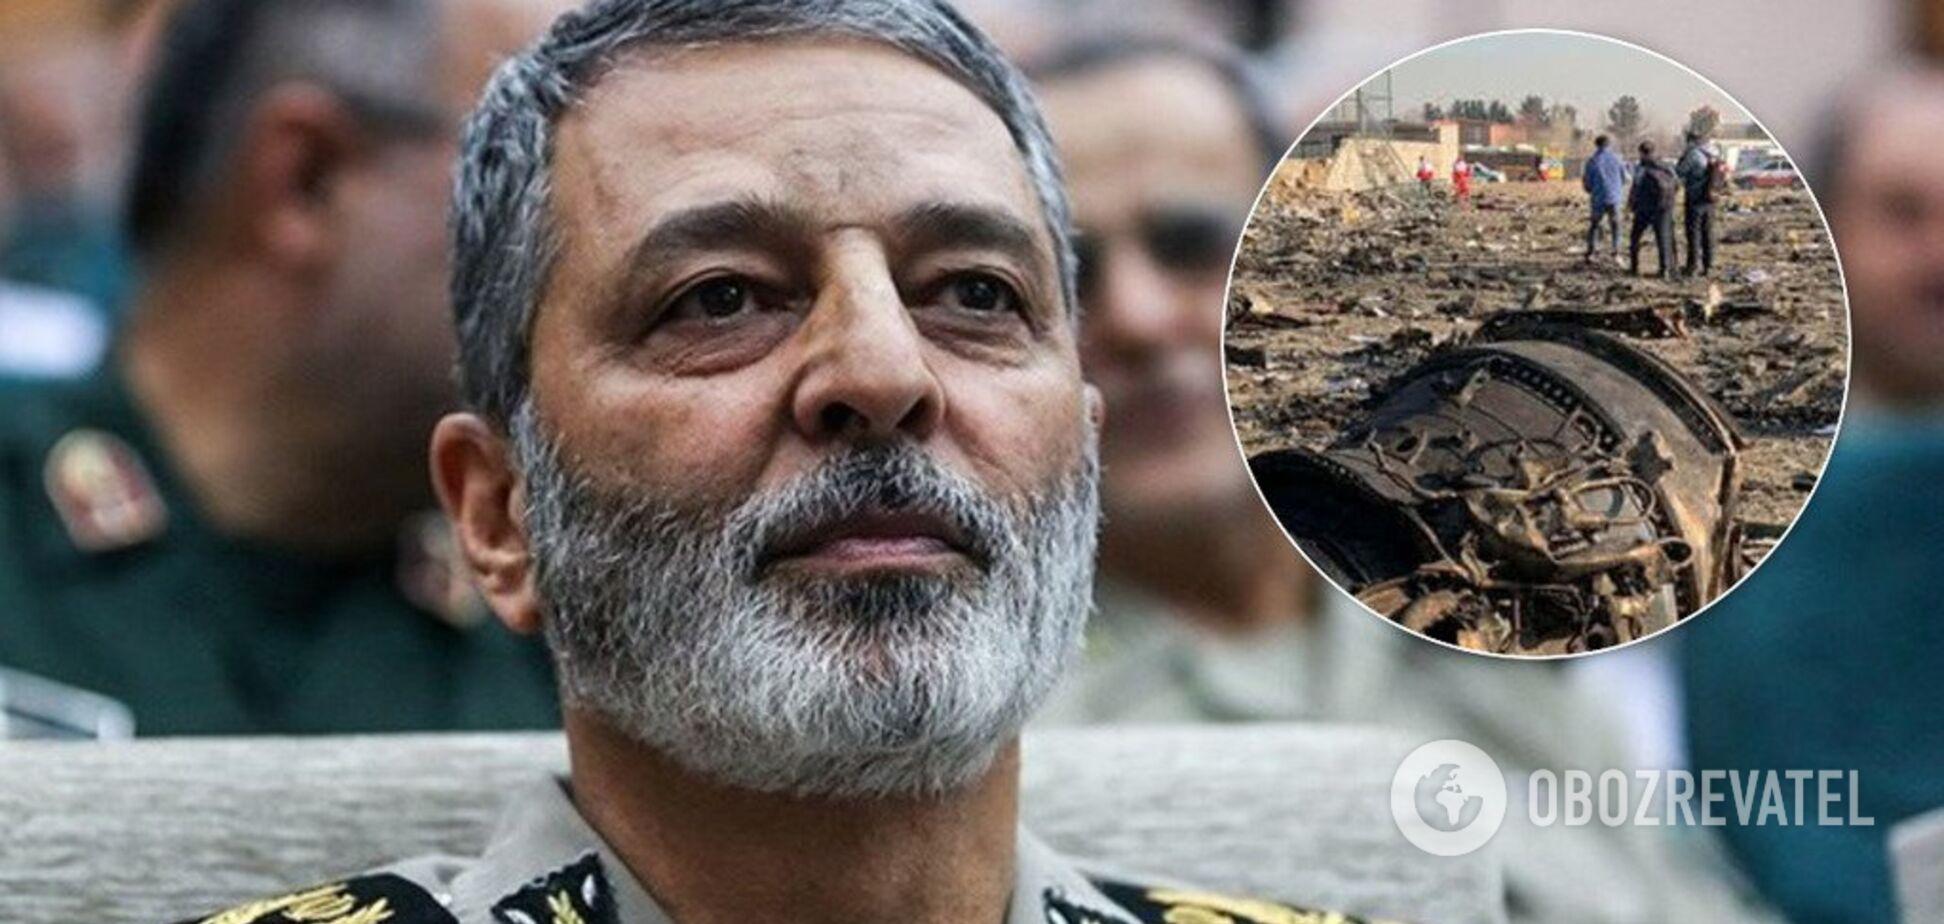 'Не подорвет заслуги КСИР!' Иранский генерал сделал циничное заявление о сбитом самолете МАУ